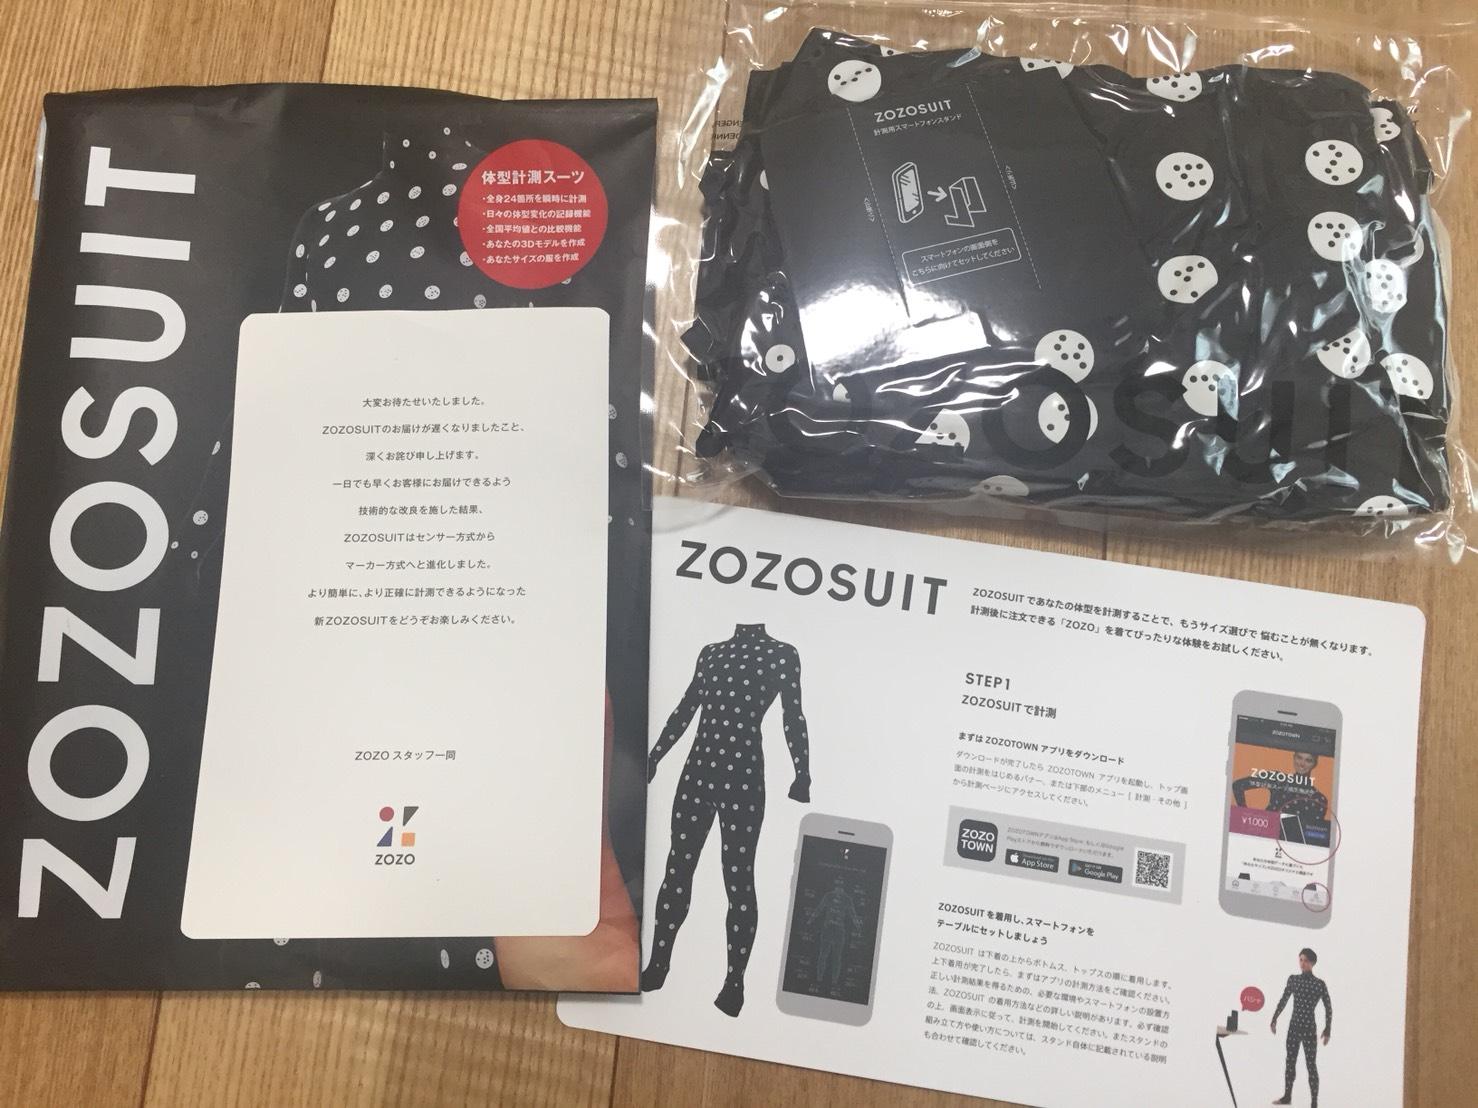 ZOZOスーツを注文すると届けられる中身